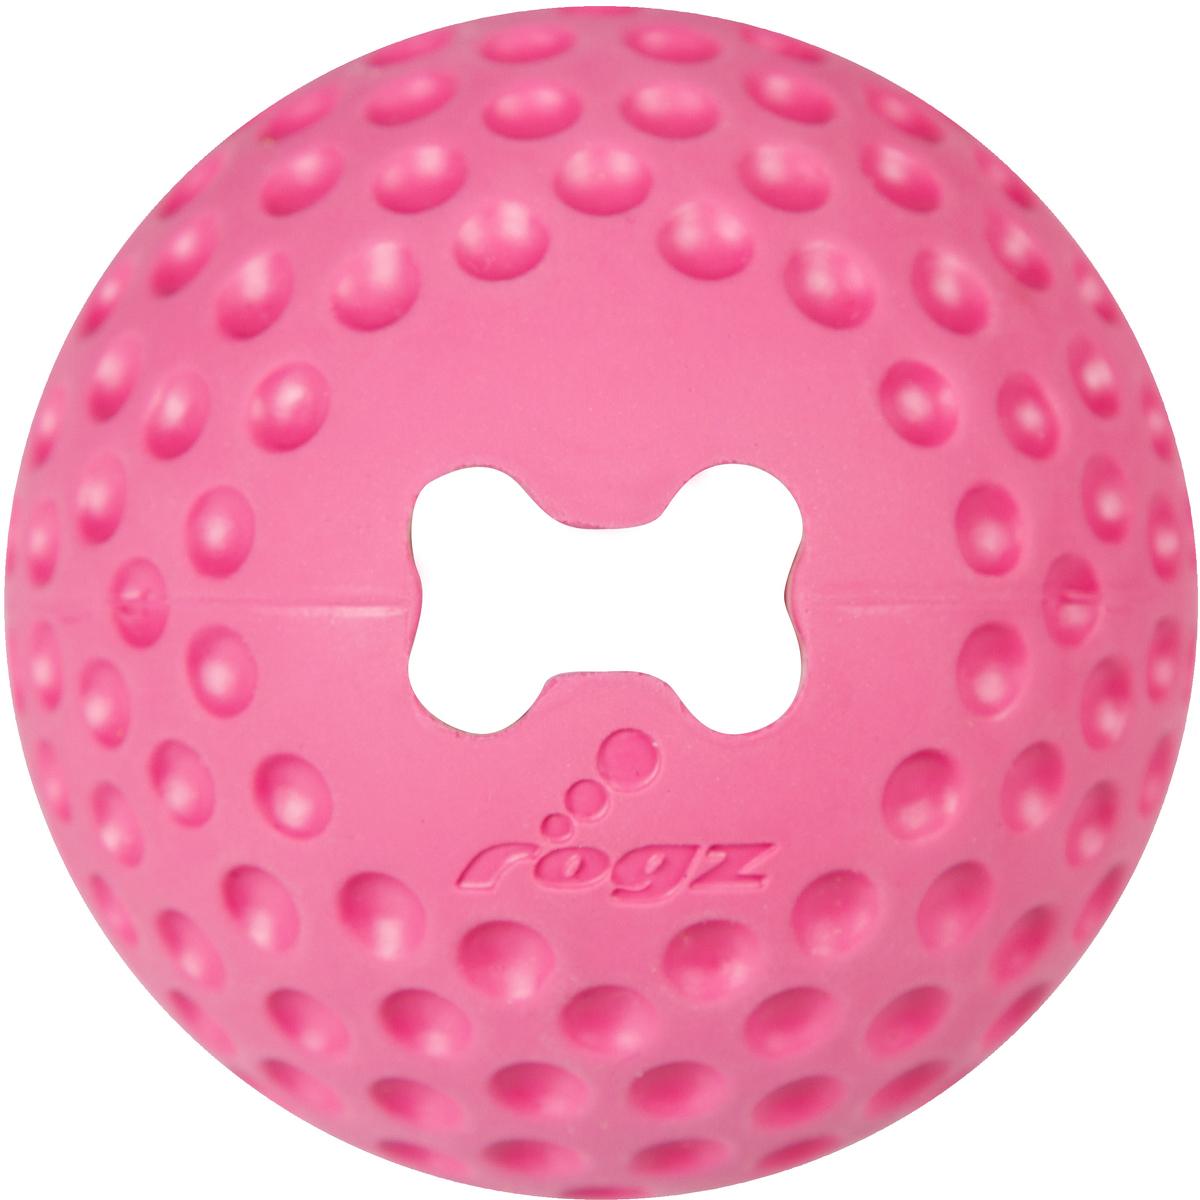 Игрушка для собак Rogz Gumz, с отверстием для лакомства, цвет: розовый, диаметр 4,9 смGU01KИгрушка для собак Rogz Gumz тренирует жевательные мышцы и массирует десны собаке. Отлично подходит для дрессировки, так как есть отверстие для лакомства.Отлично подпрыгивает при играх.Занимательная игрушка выдерживает долгое жевание и разгрызание. Материал изделия: 85 % натуральной резины, 15 % синтетической резины. Не токсичен.